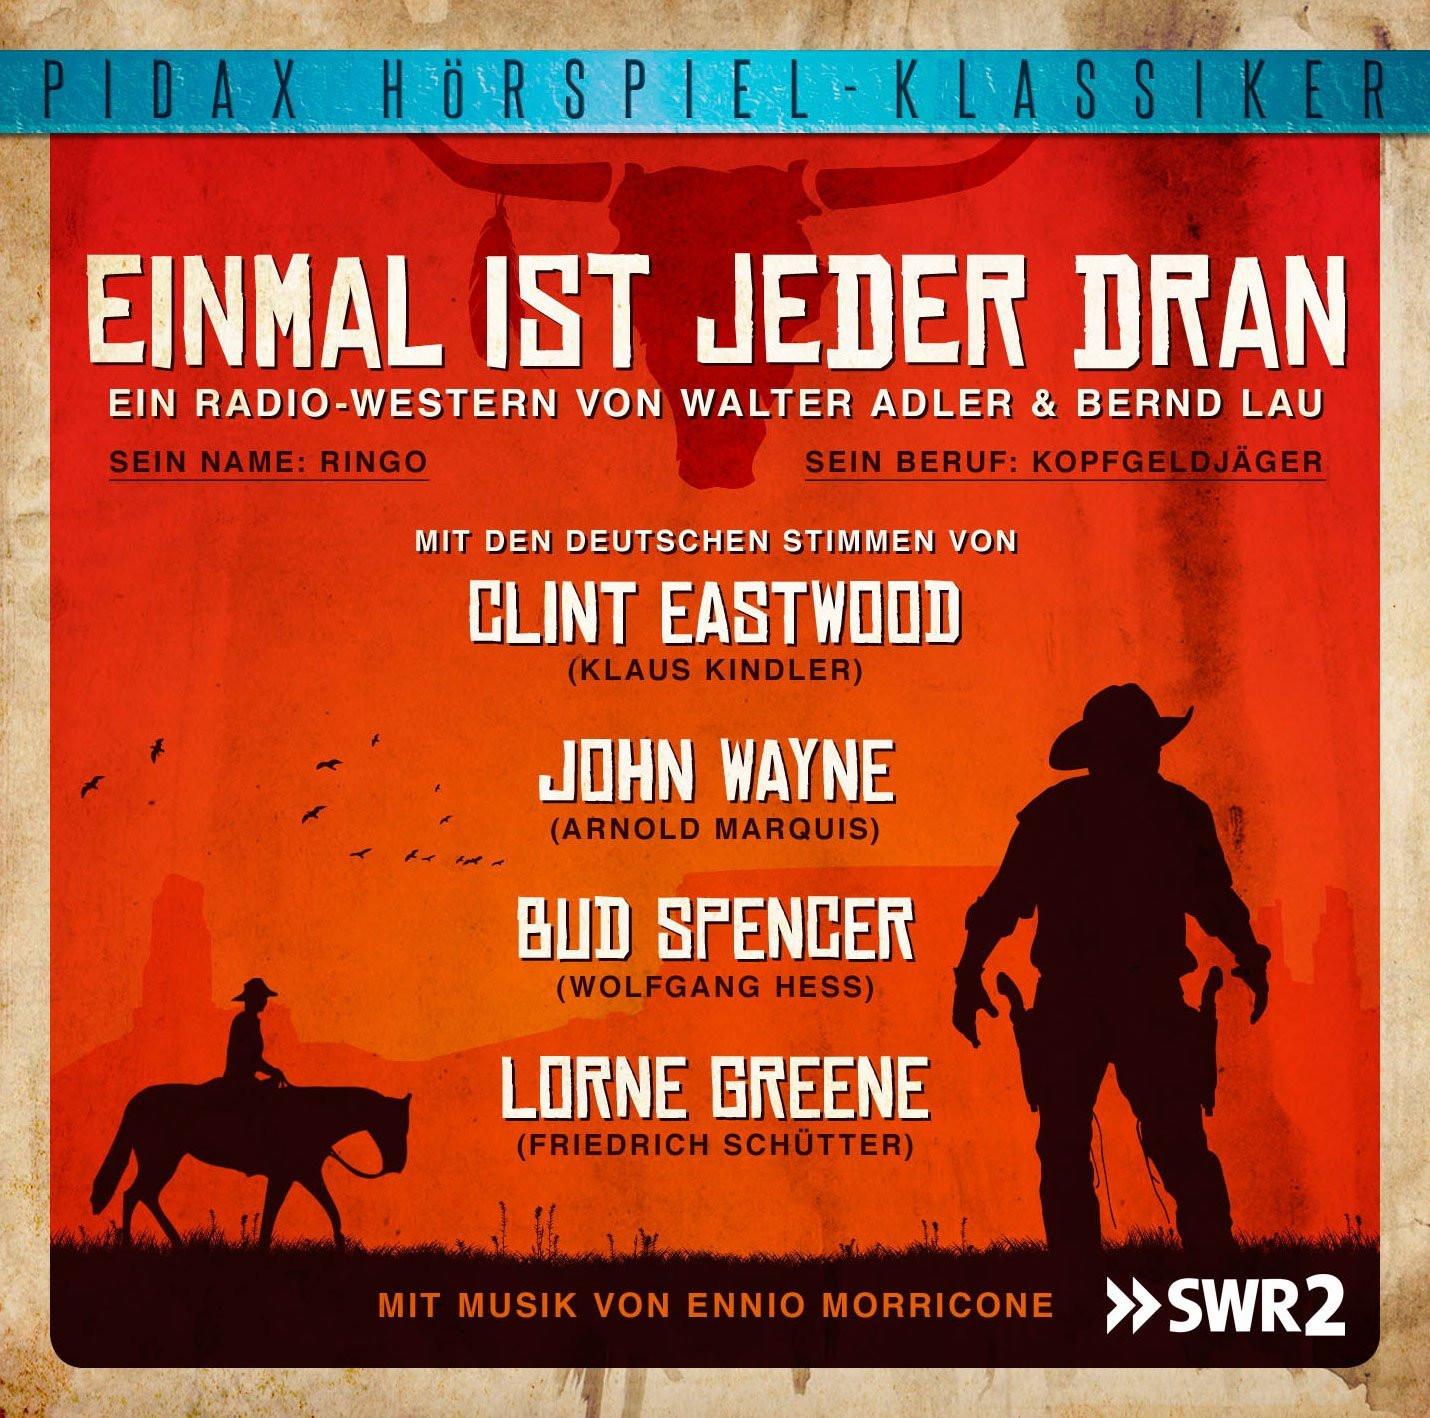 Pidax Hörspiel Klassiker - Einmal ist jeder dran (WDR-Hörspiel)